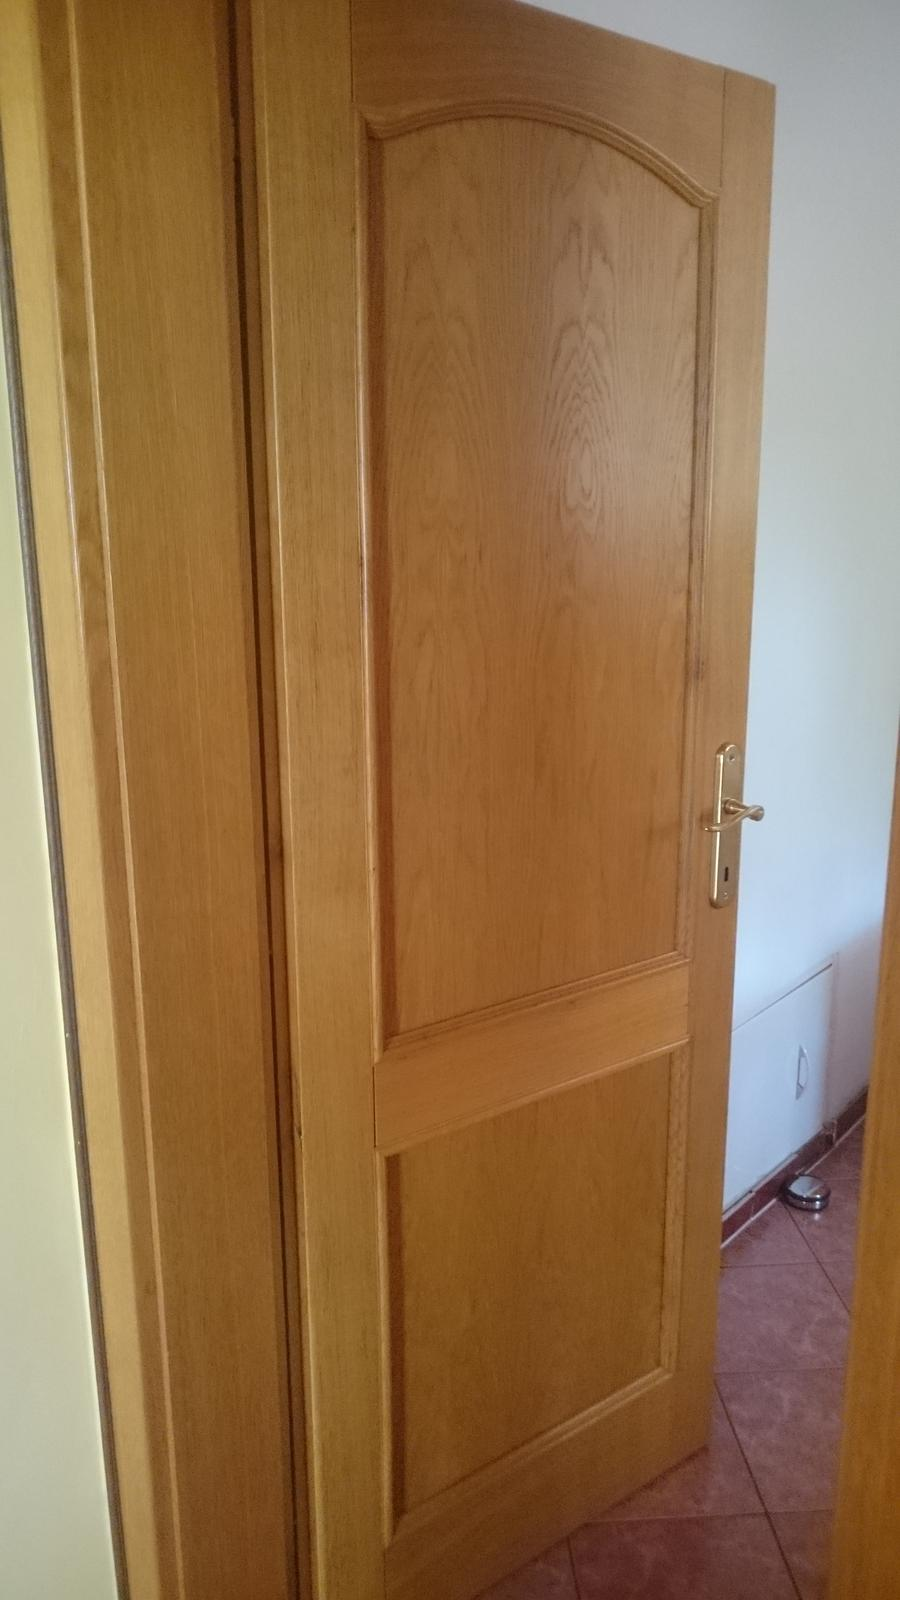 Drevo dvere - Obrázok č. 1